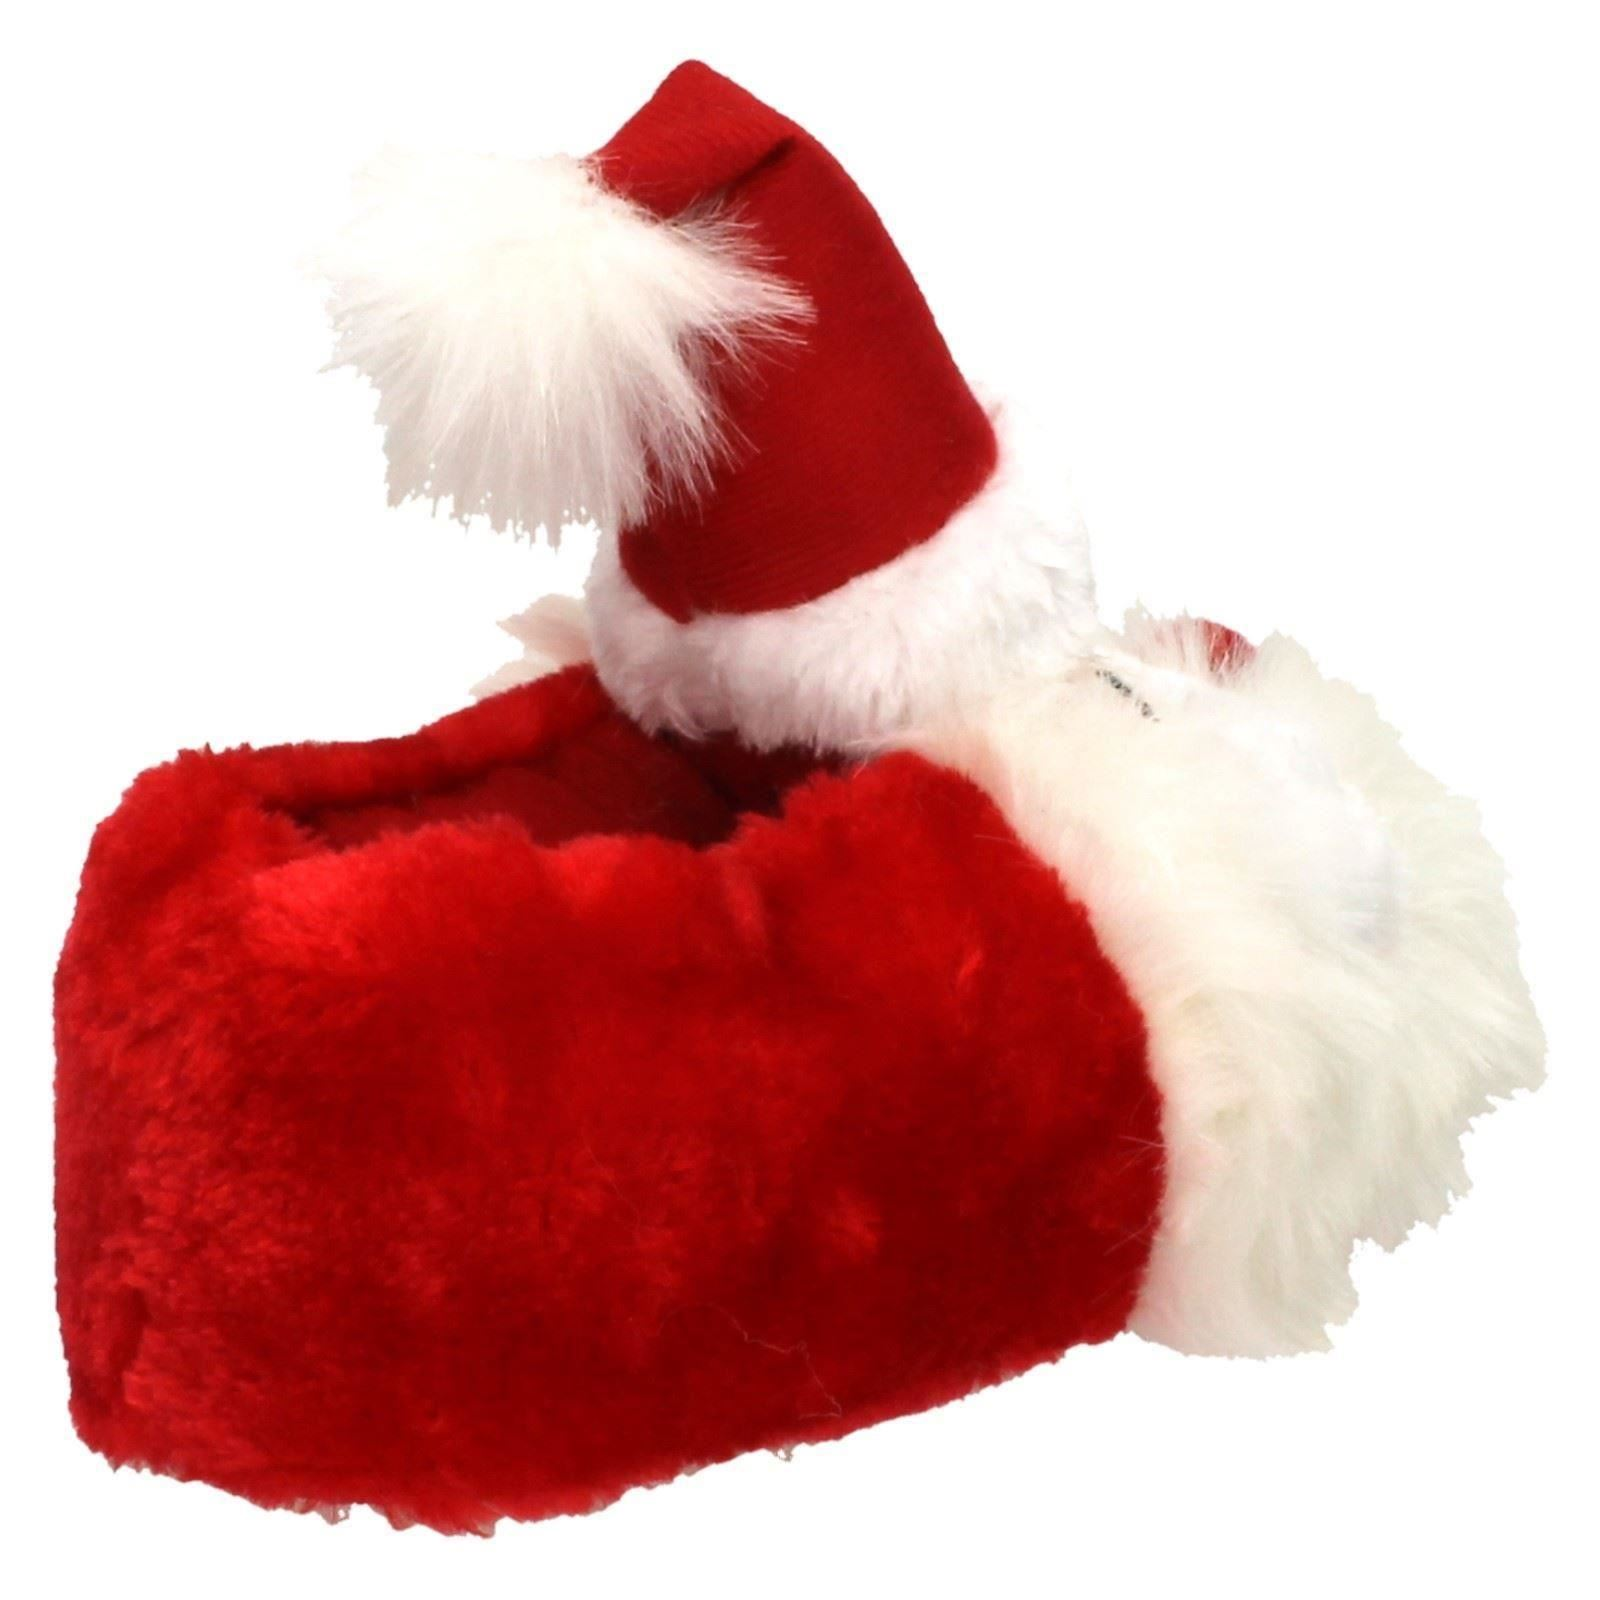 Chicas chicos niños Navidad 3D Novedad Suave Santa Papá Noel Zapatillas-X2089#C